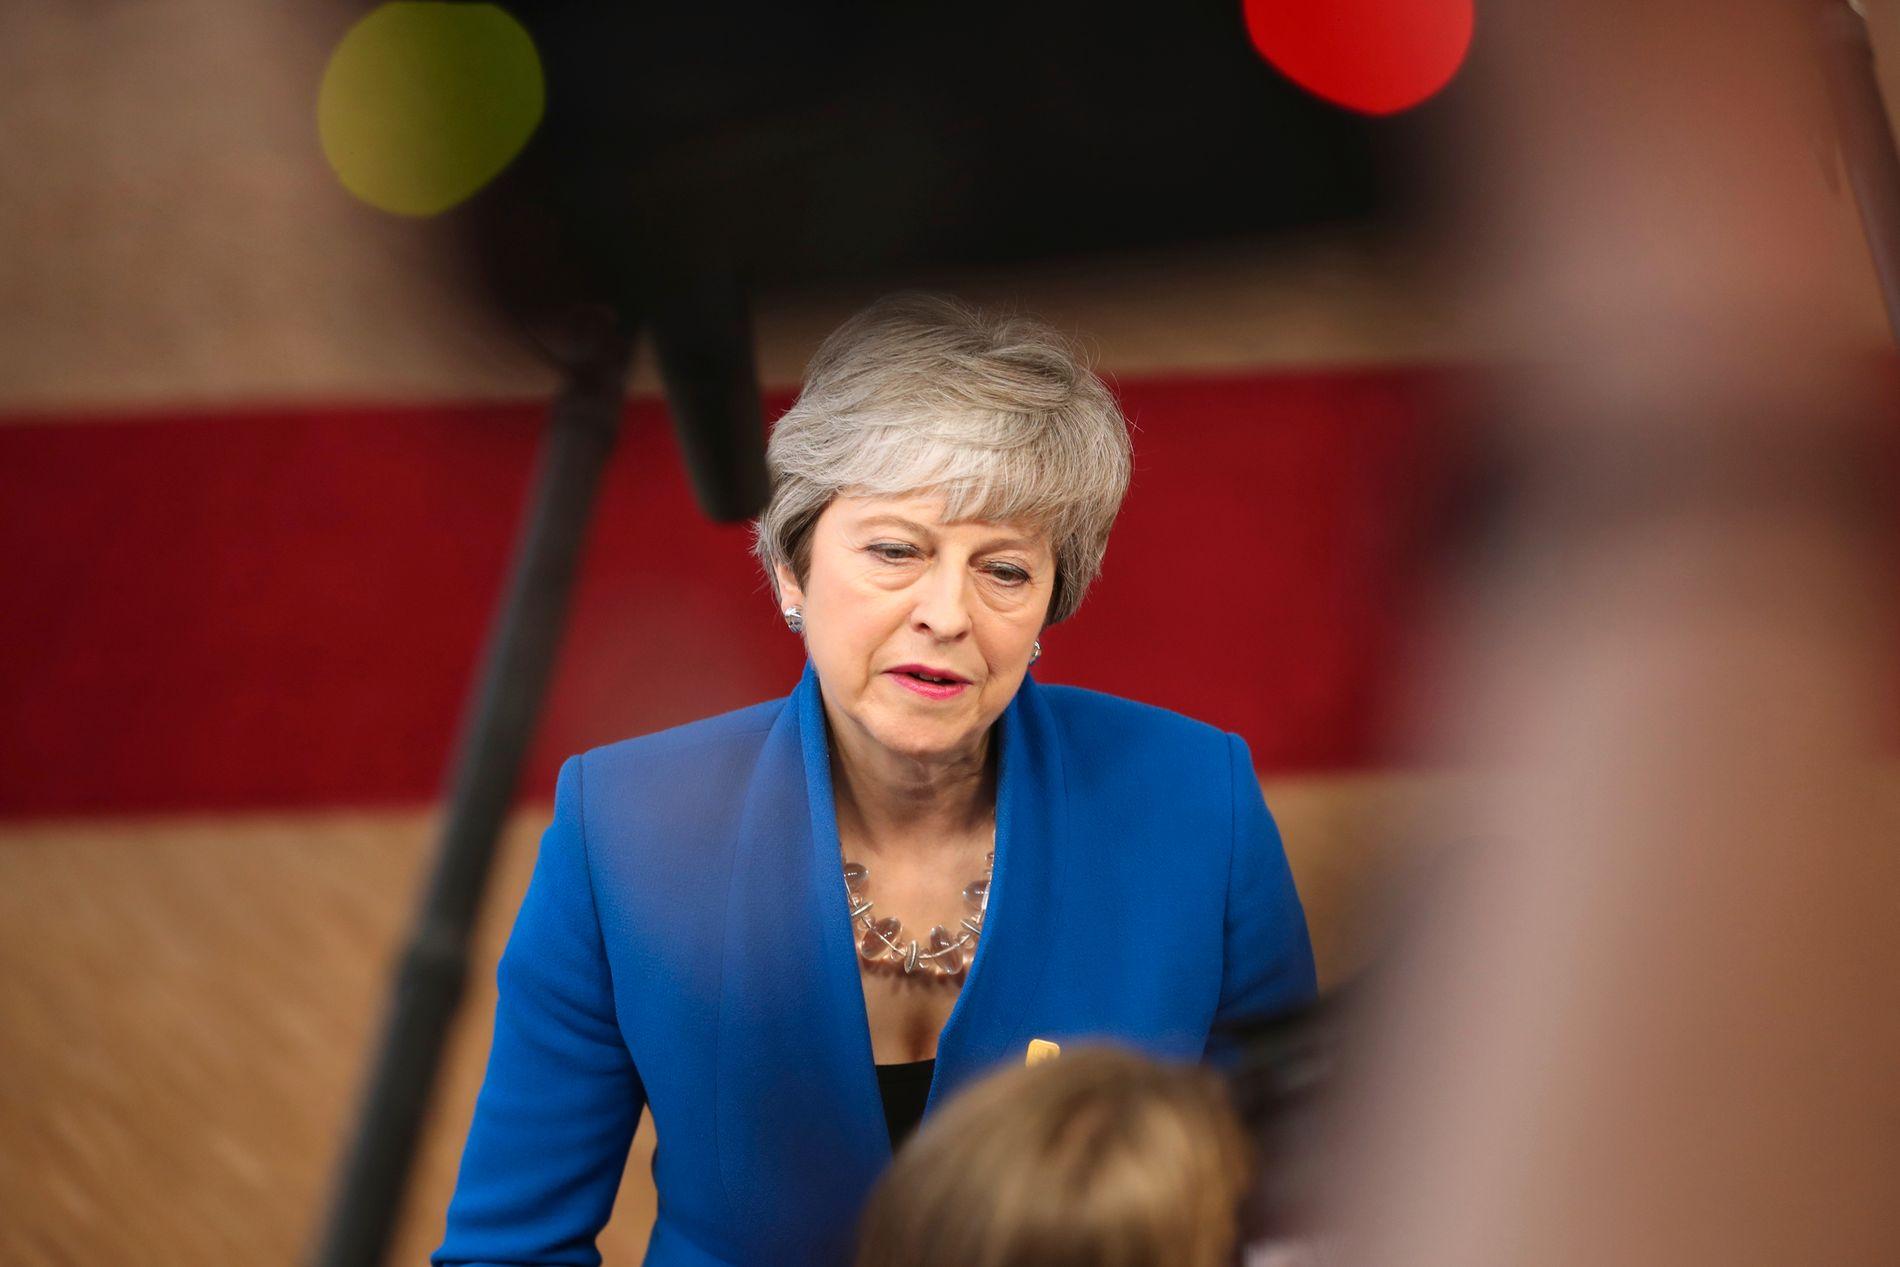 – VANSKELIG TID: Statsminister Theresa May sa fredag at valgresultatene viser at det er en vanskelig tid for partiet. De konservative mistet nesten 1.300 lokale seter.